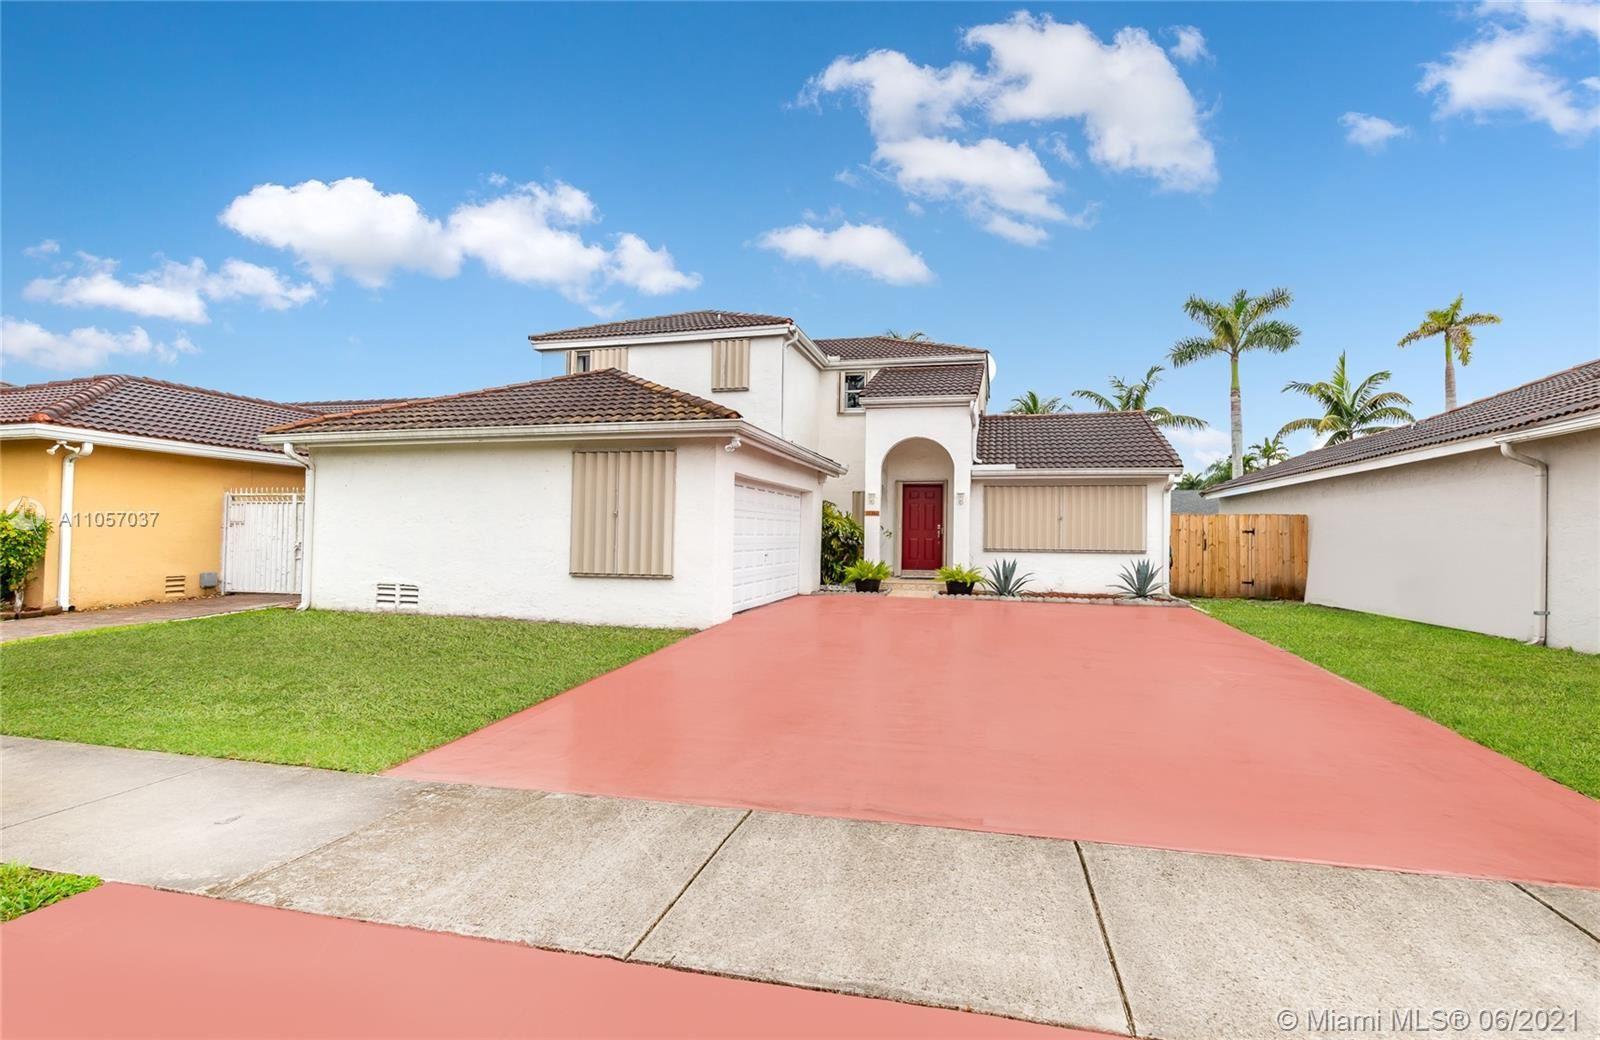 12360 SW 95th Ter, Miami, FL 33186 - #: A11057037